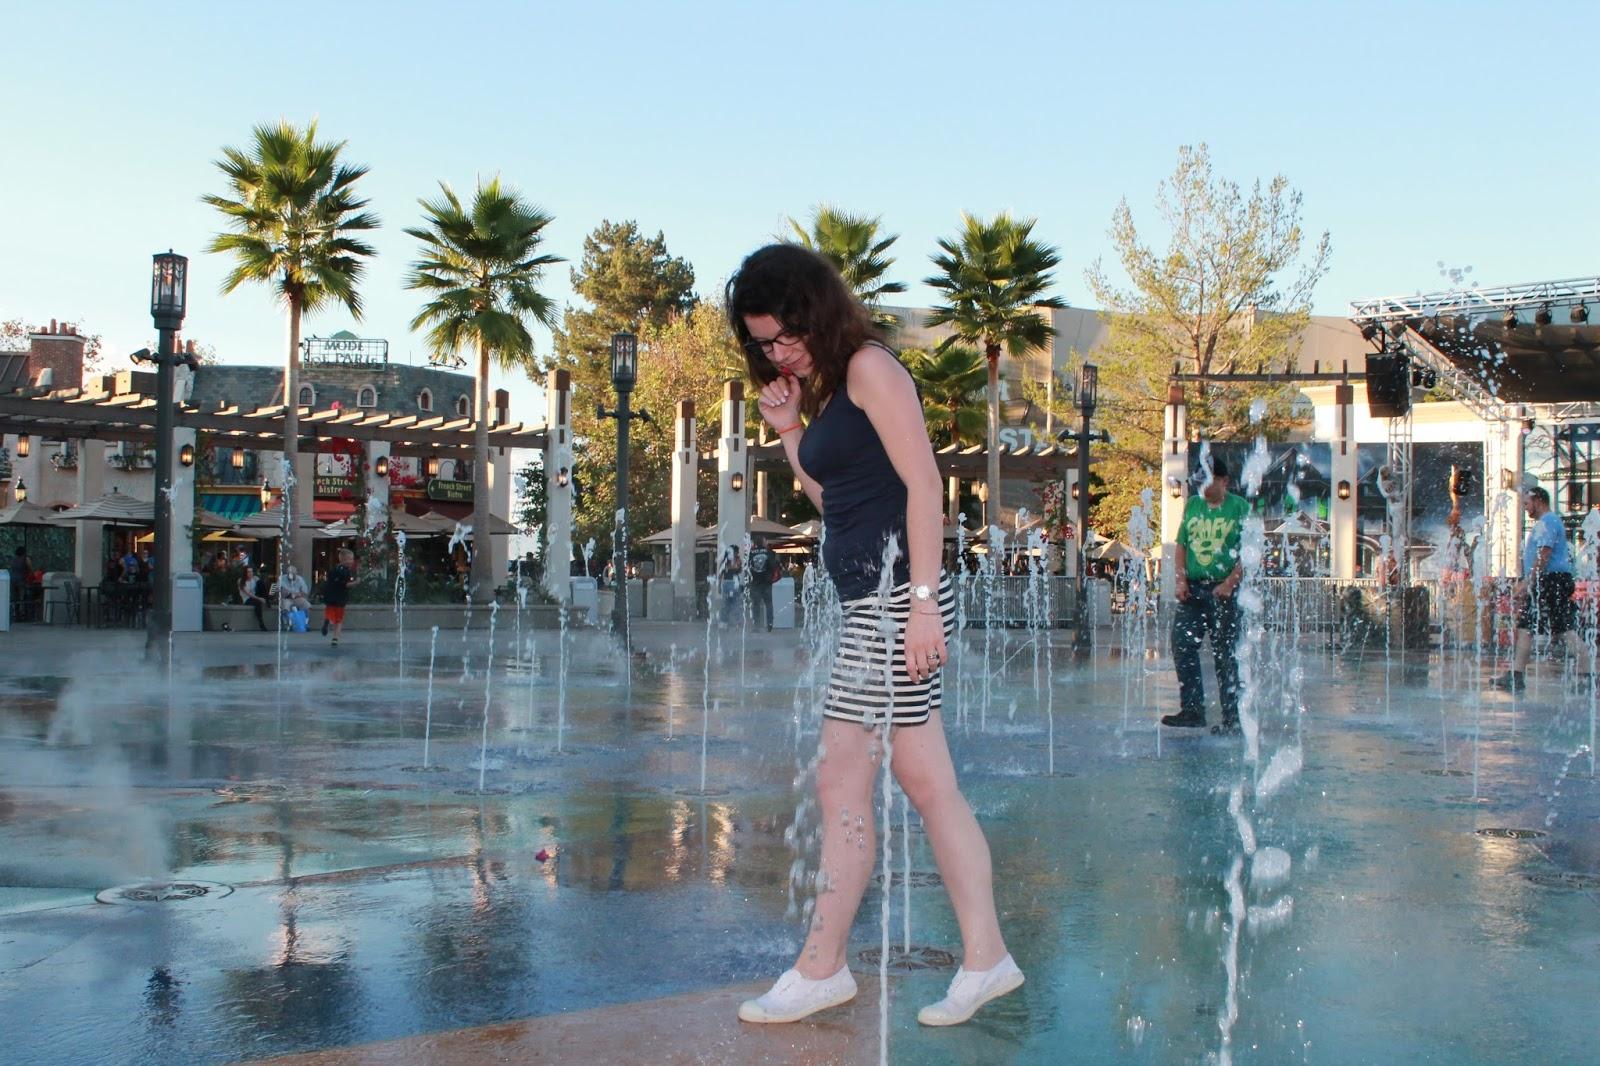 USA états unis amérique vacance transat roadtrip ouest américain universal studios fontaine jet d'eau